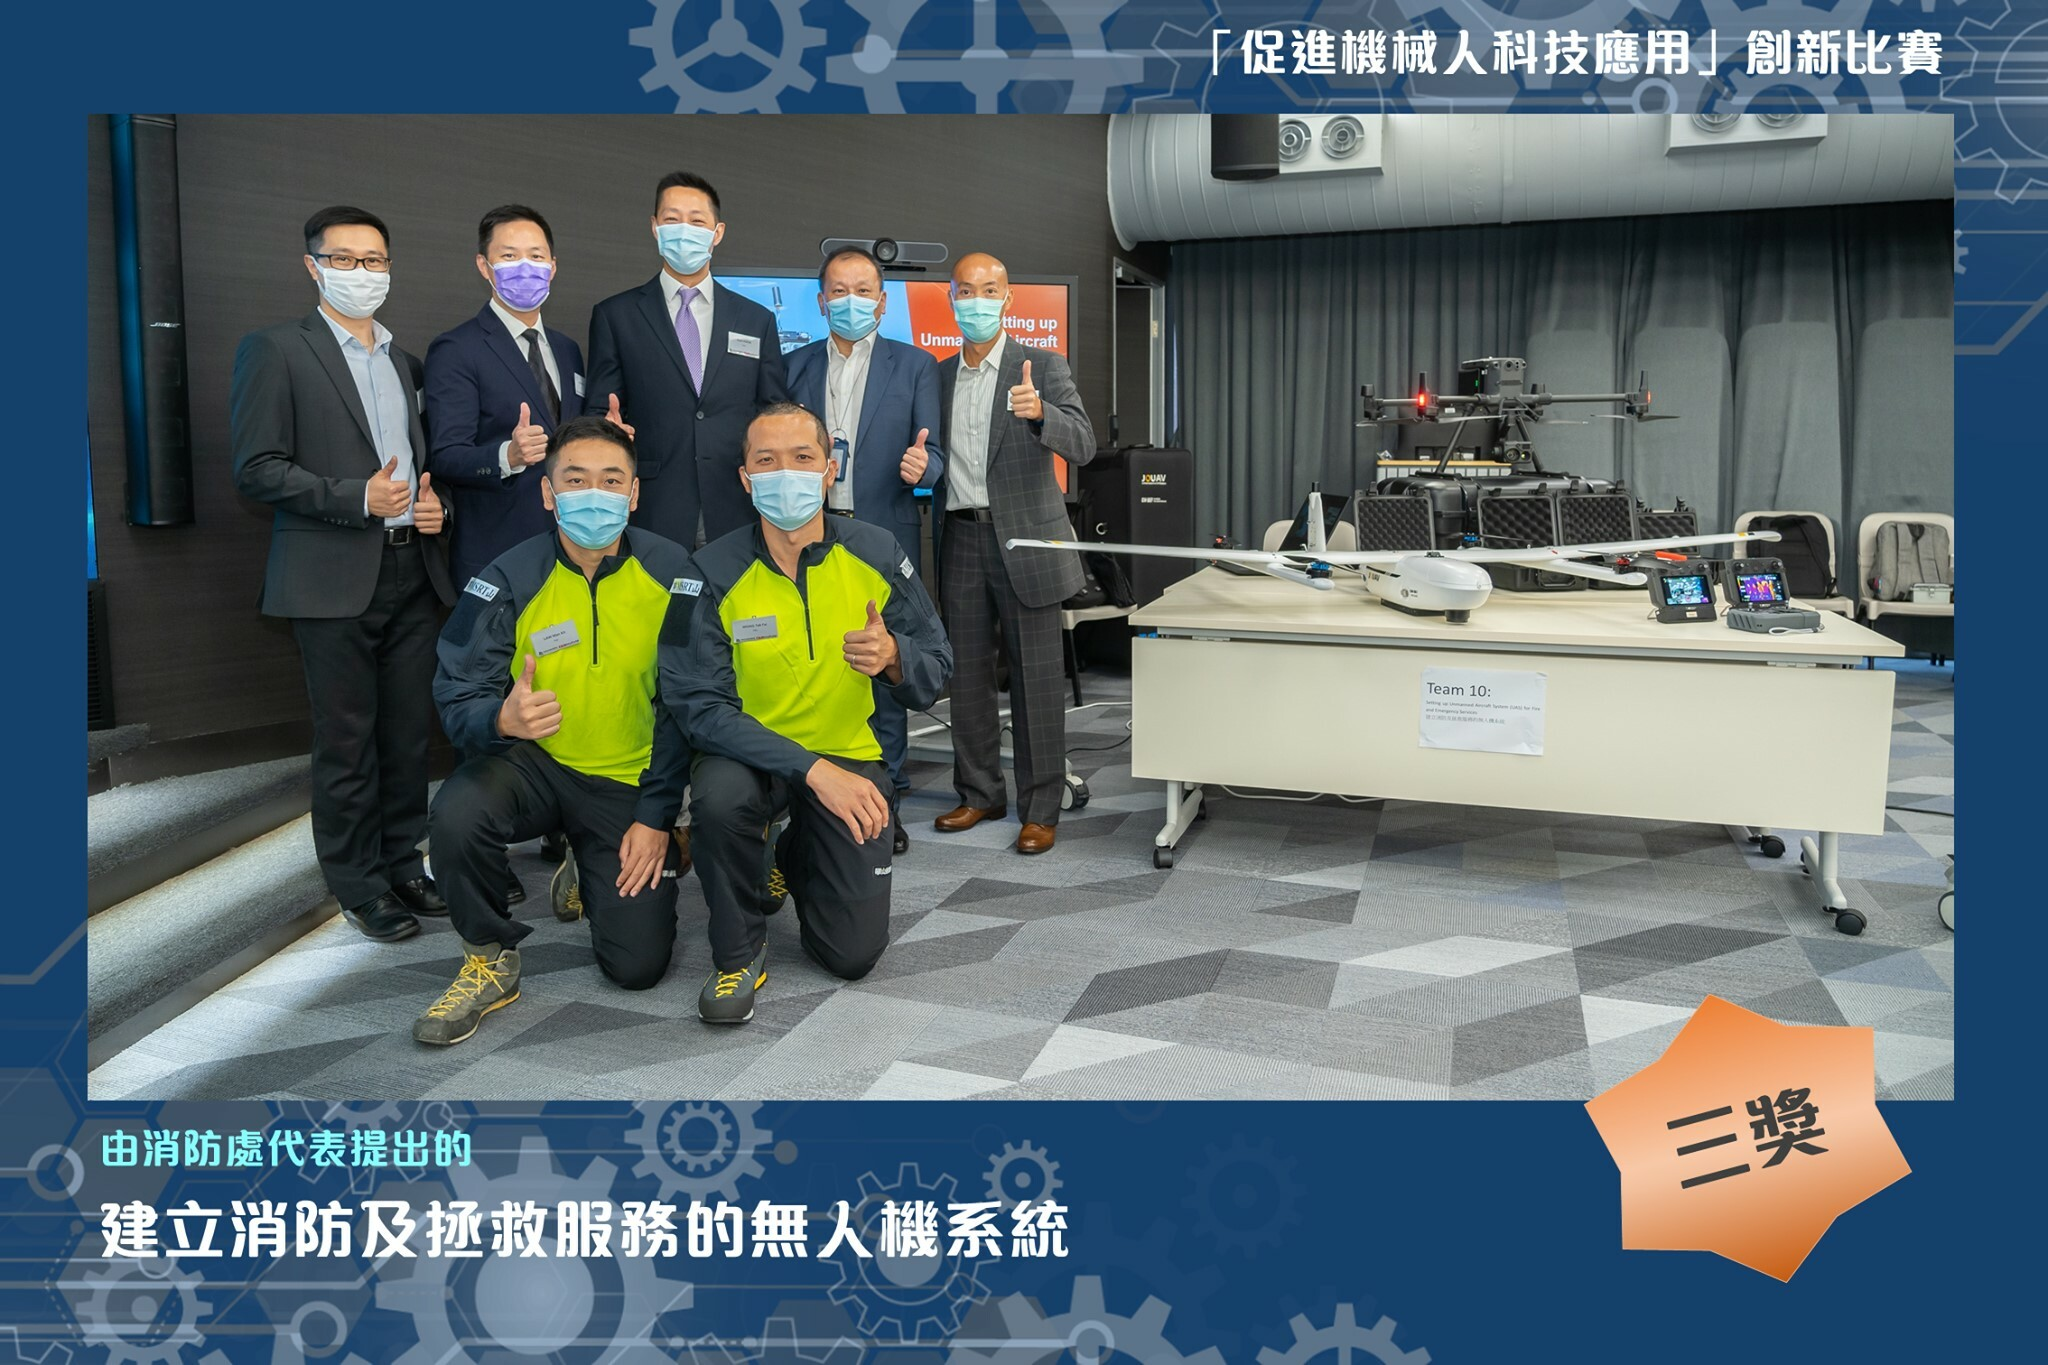 【無人機配備 - OTG 為企業提供更多無人機解決方案】